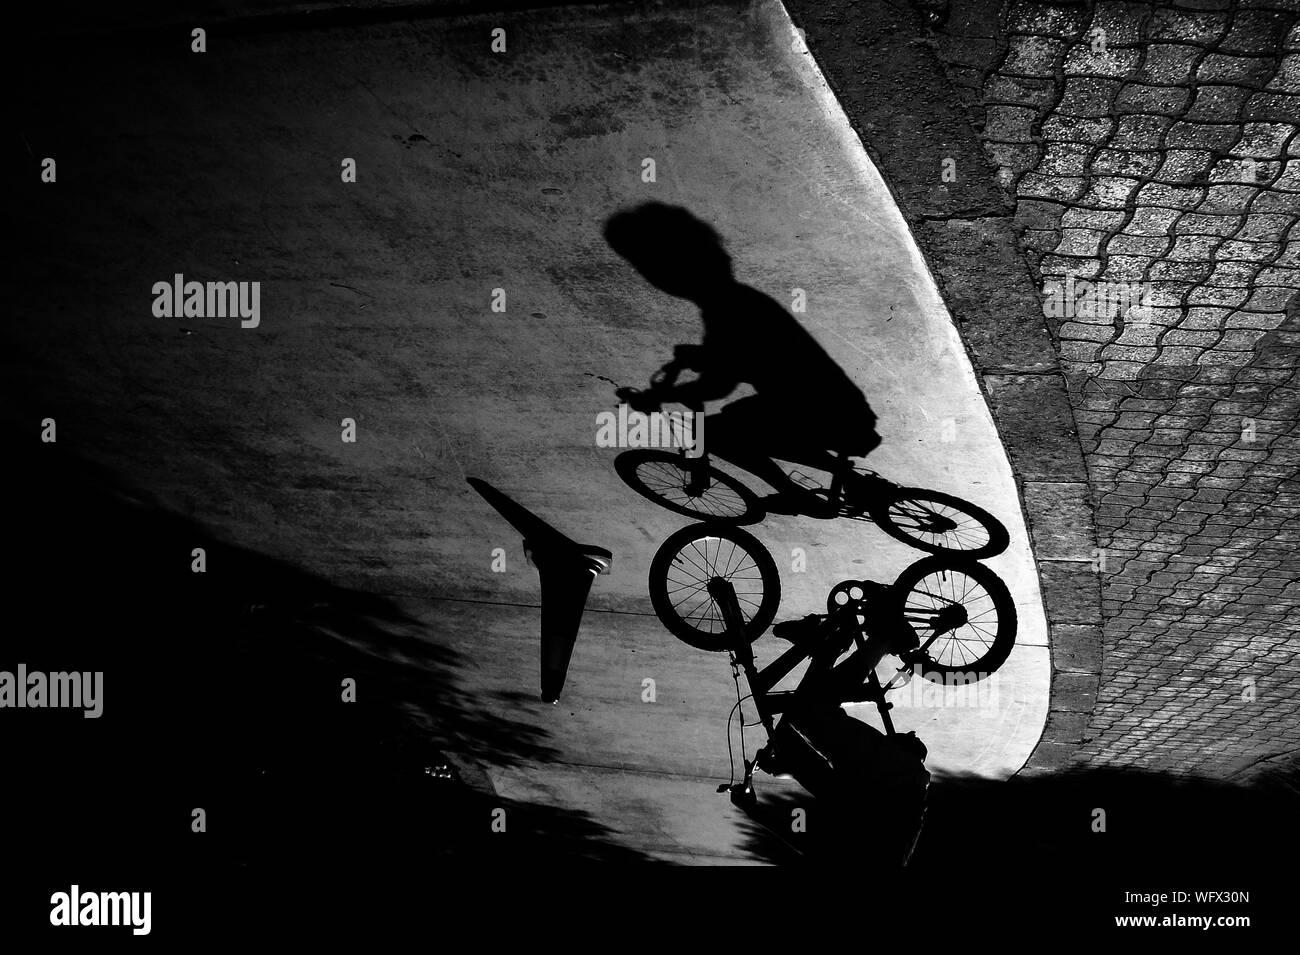 Schatten der Junge Reiten Fahrrad auf der Straße Stockfoto